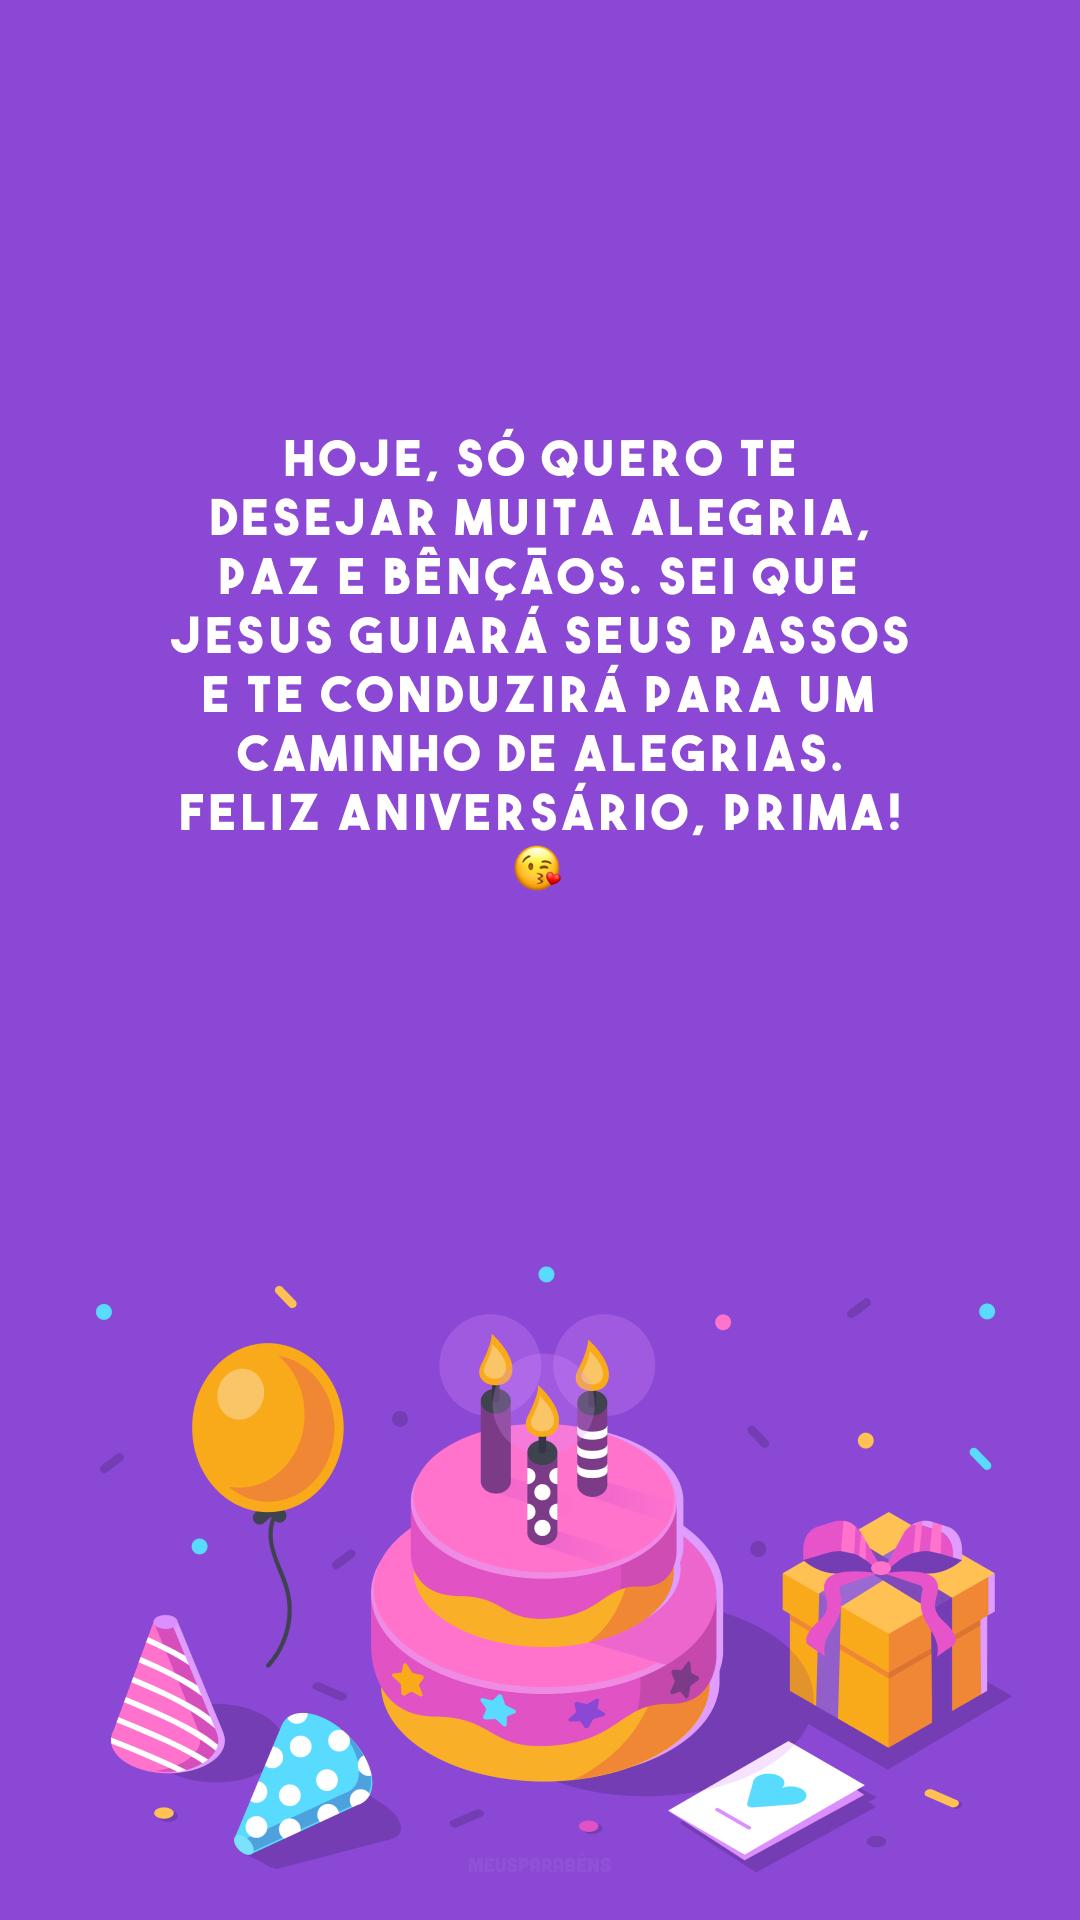 Hoje, só quero te desejar muita alegria, paz e bênçãos. Sei que Jesus guiará seus passos e te conduzirá para um caminho de alegrias. Feliz aniversário, prima! 😘